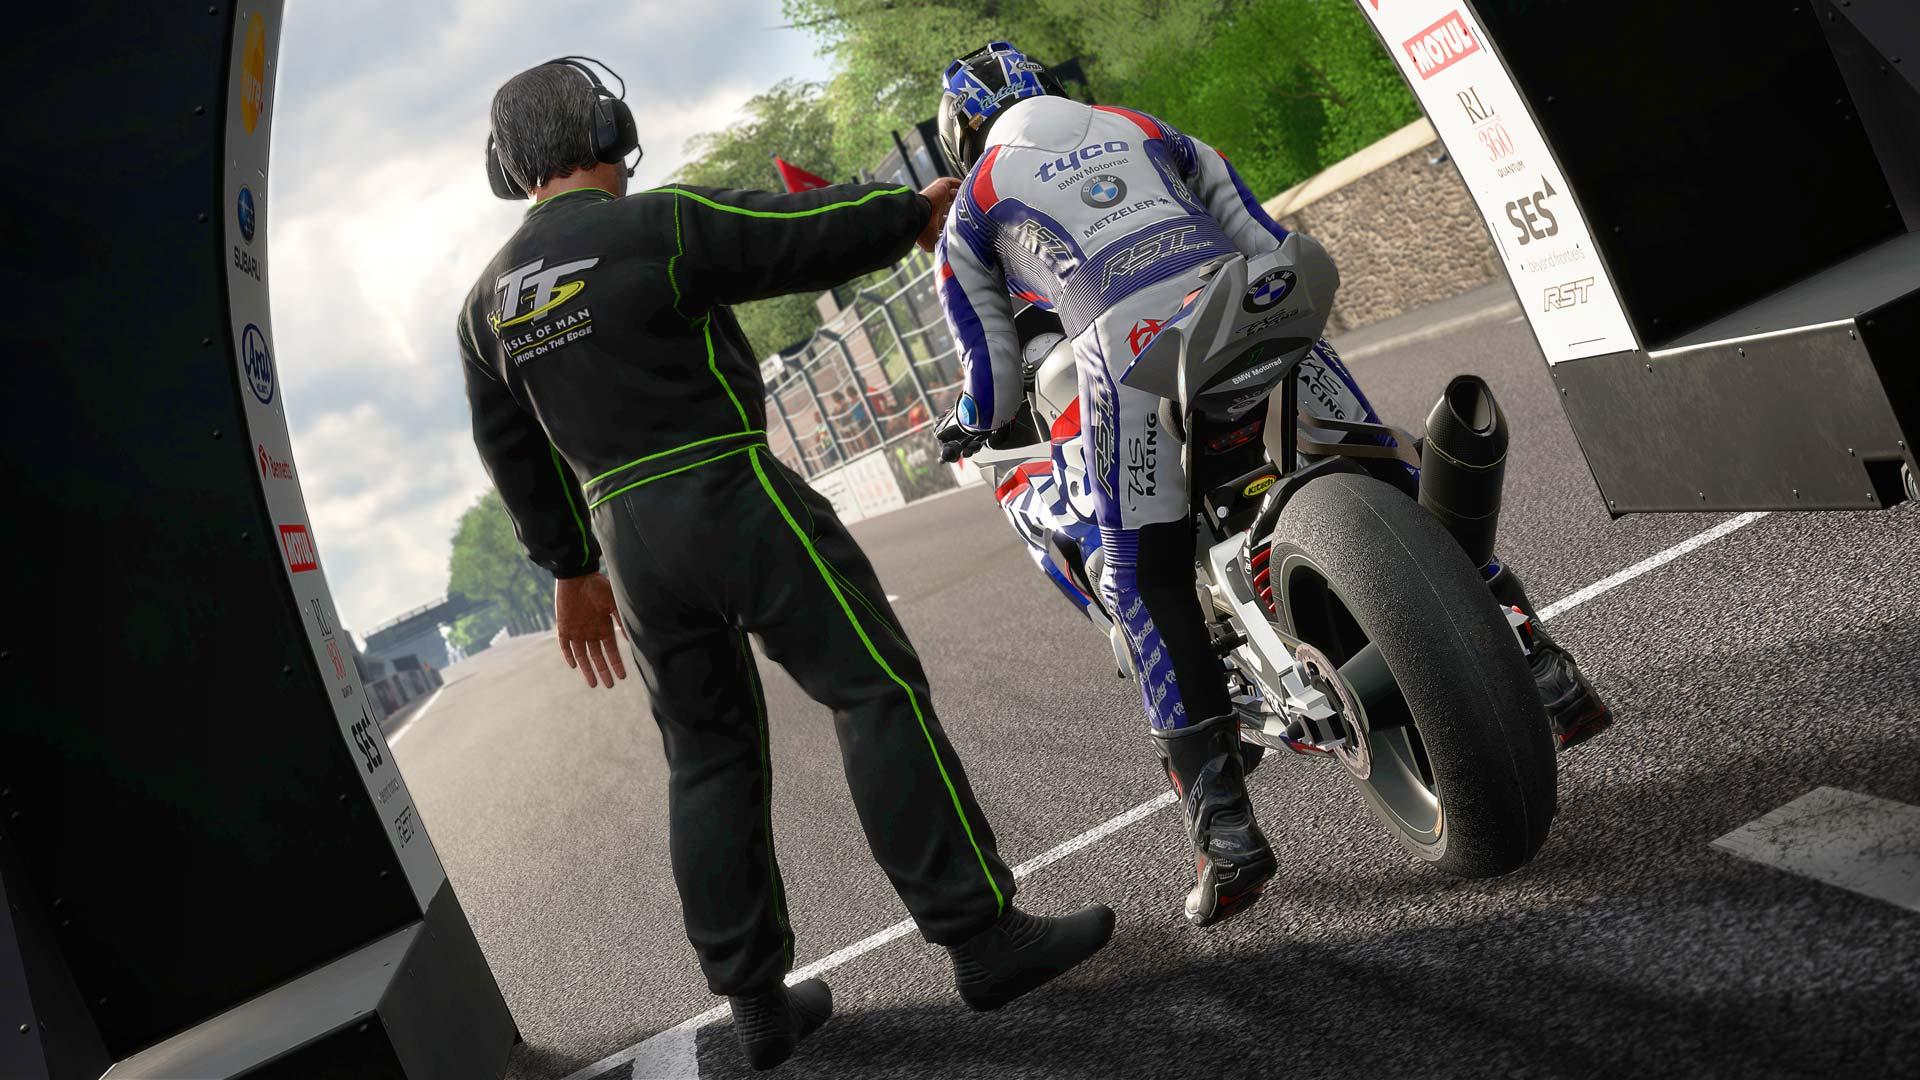 TT Isle of Man Ride on the Edge, análisis del juego más épico y frustrante